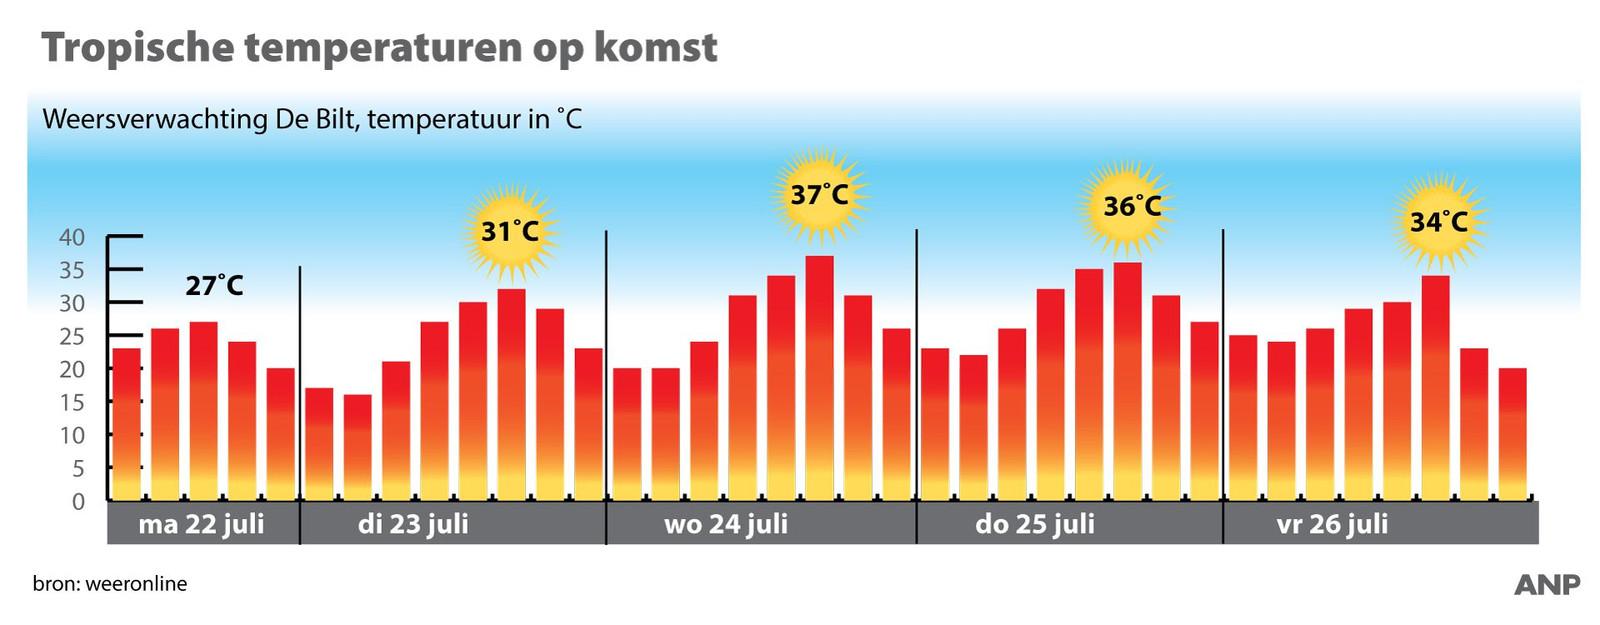 Tropische temperaturen op komst.